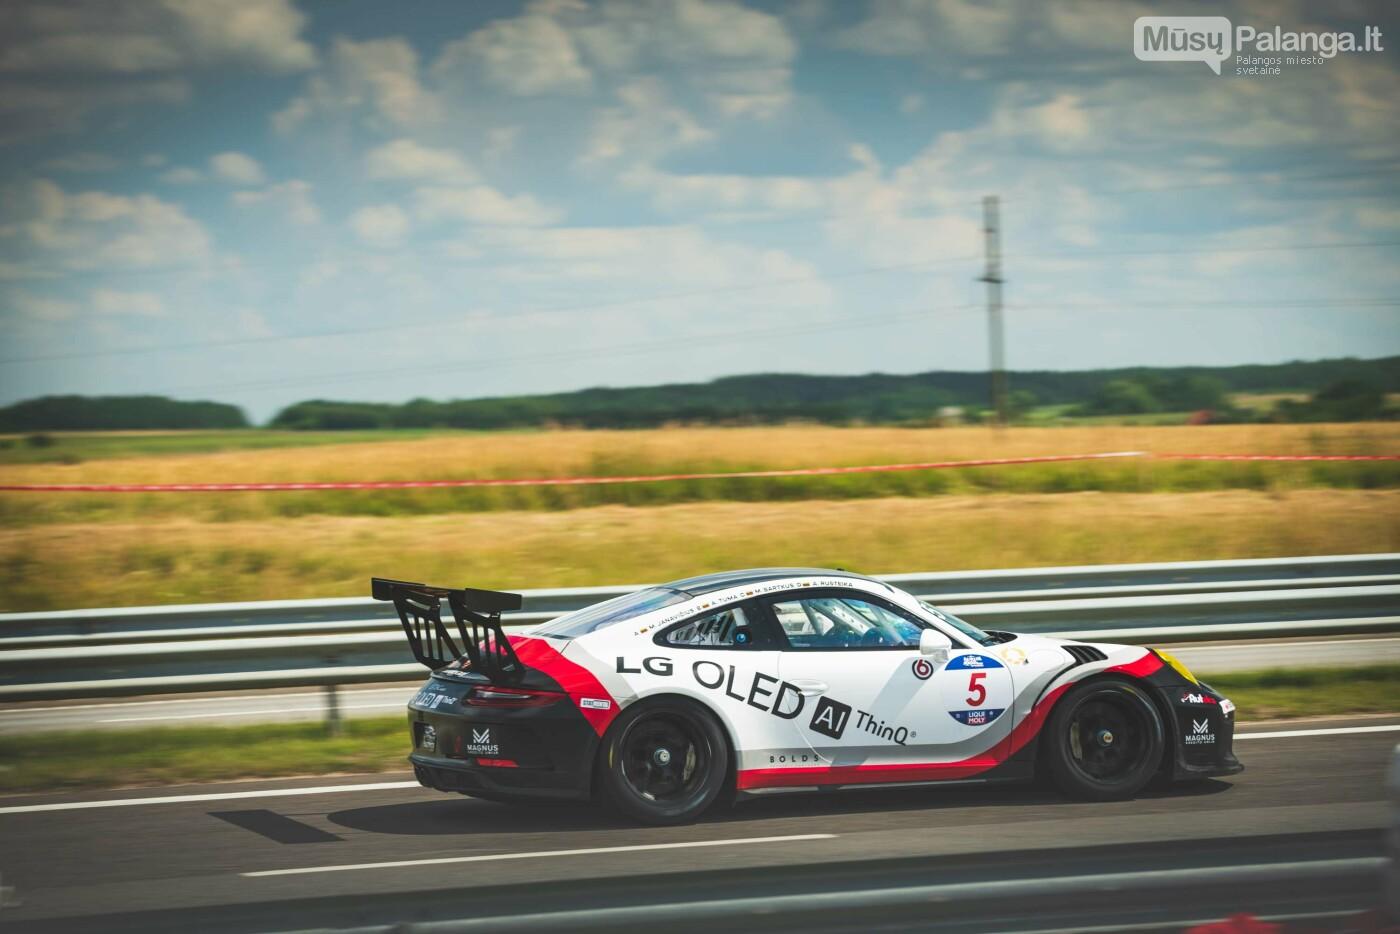 """Pirmoji """"Aurum 1006 km lenktynių"""" repeticija, nuotrauka-16, Arno STRUMILOS nuotr."""